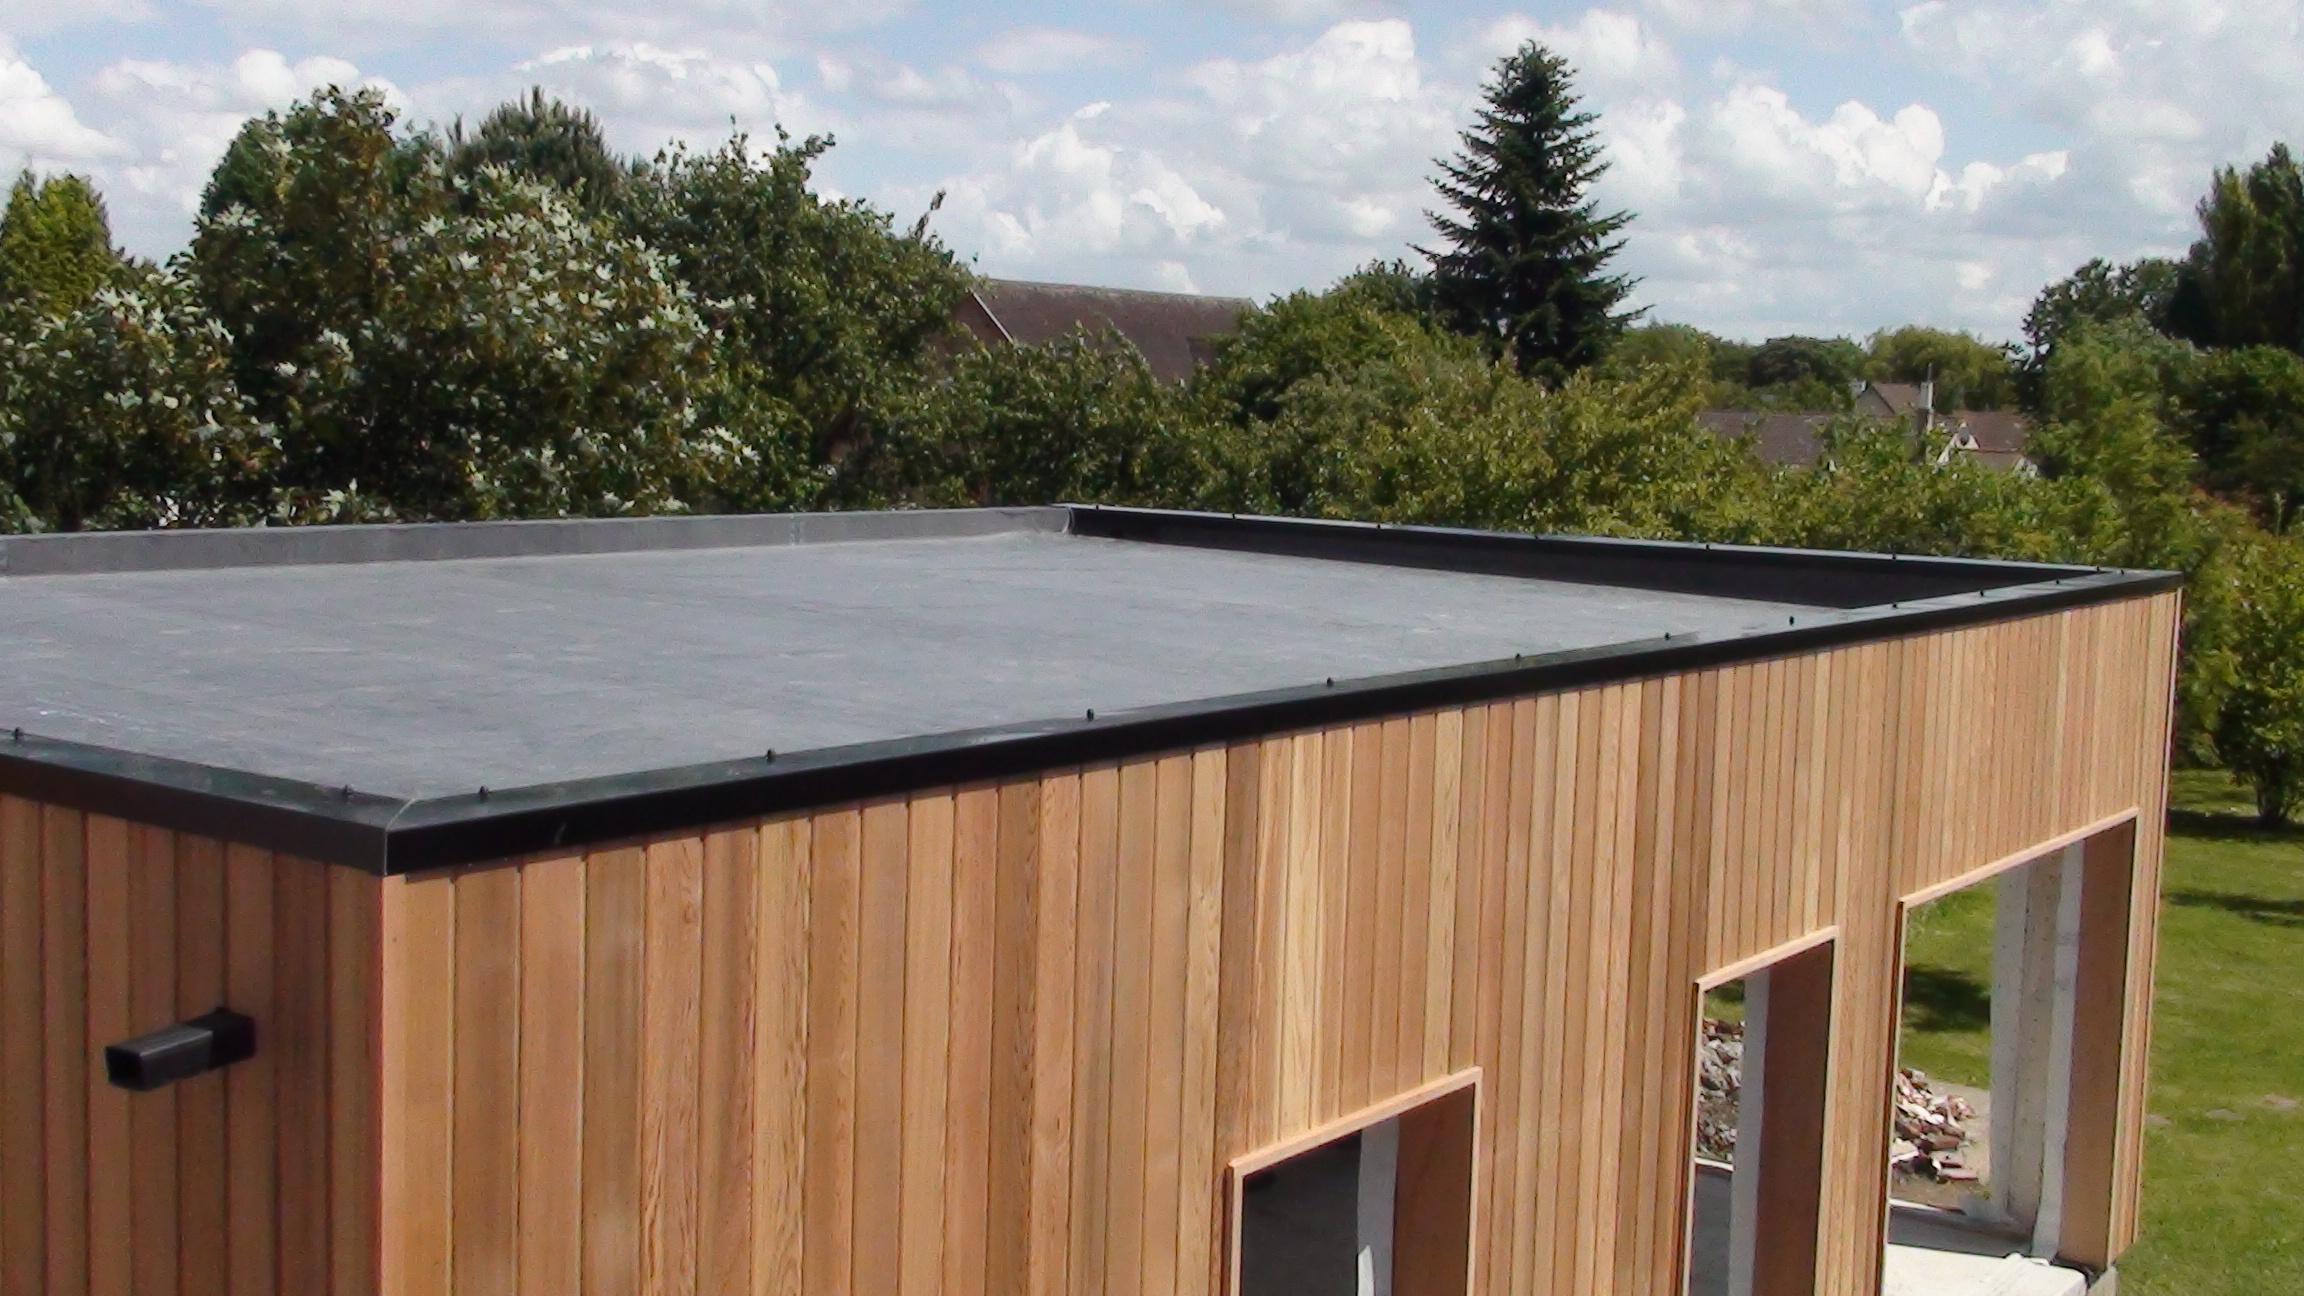 construction de toiture plate étanche - ALTERNATIVE BOIS CONCEPT